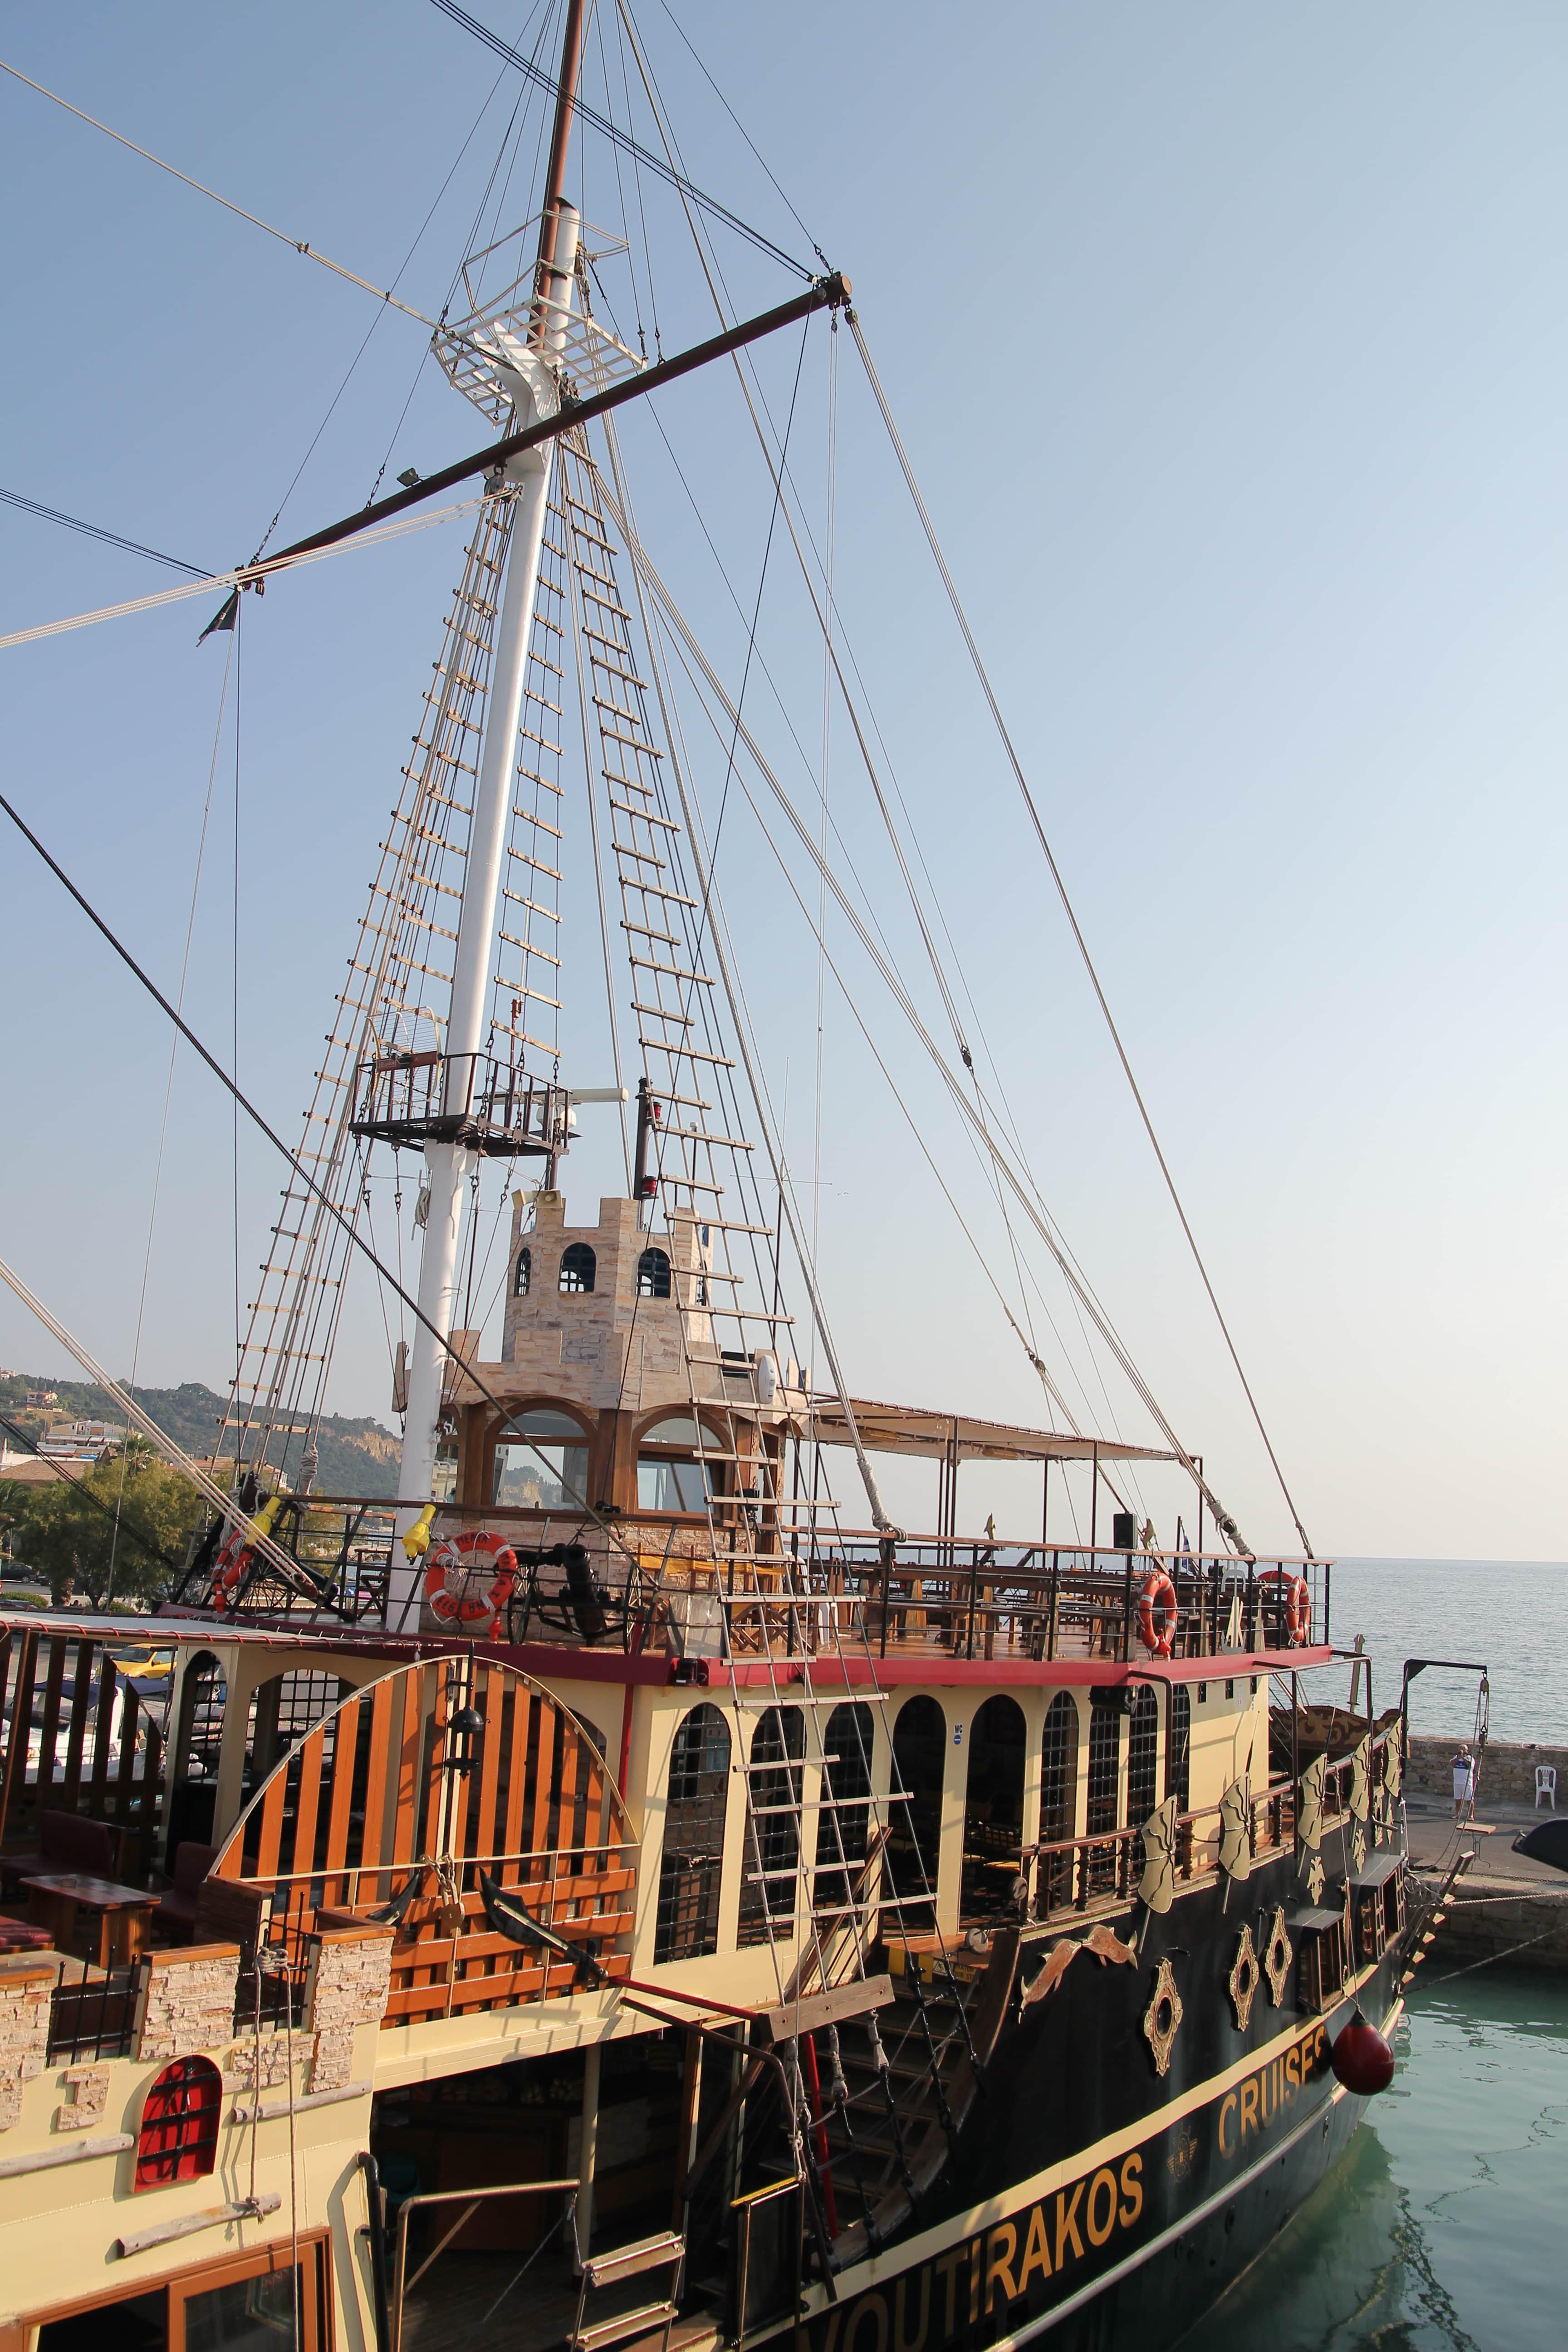 Image Libre Voilier Voile Attraction Touristique Cafeteria Port Eau Bateau Embarcation Navire Pirate